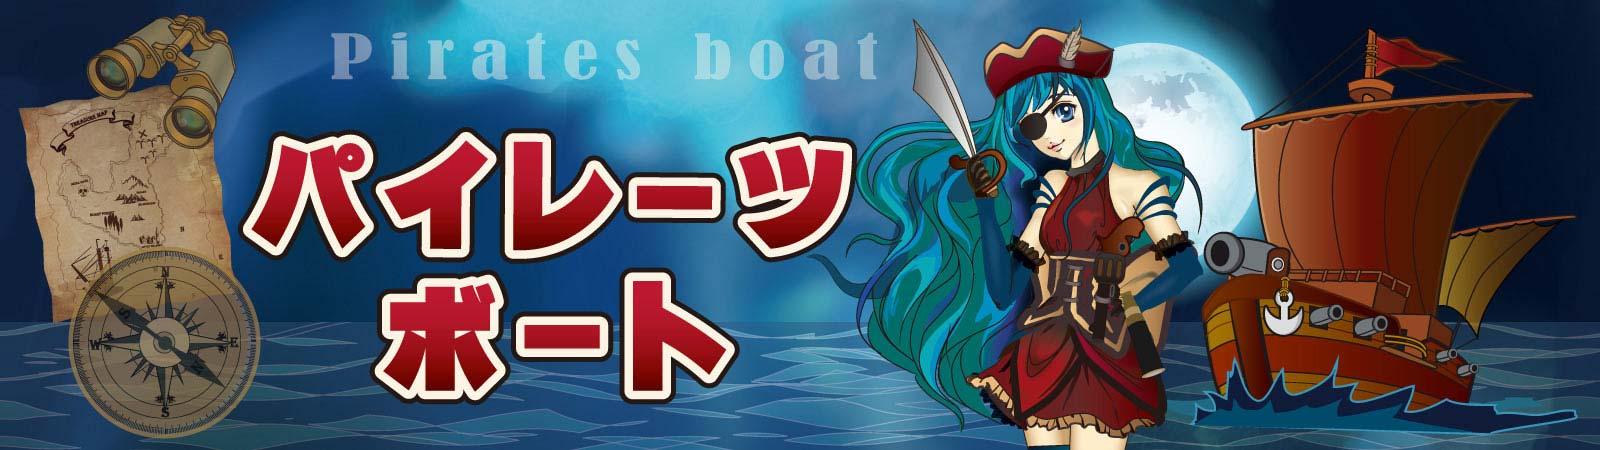 パイレーツボート